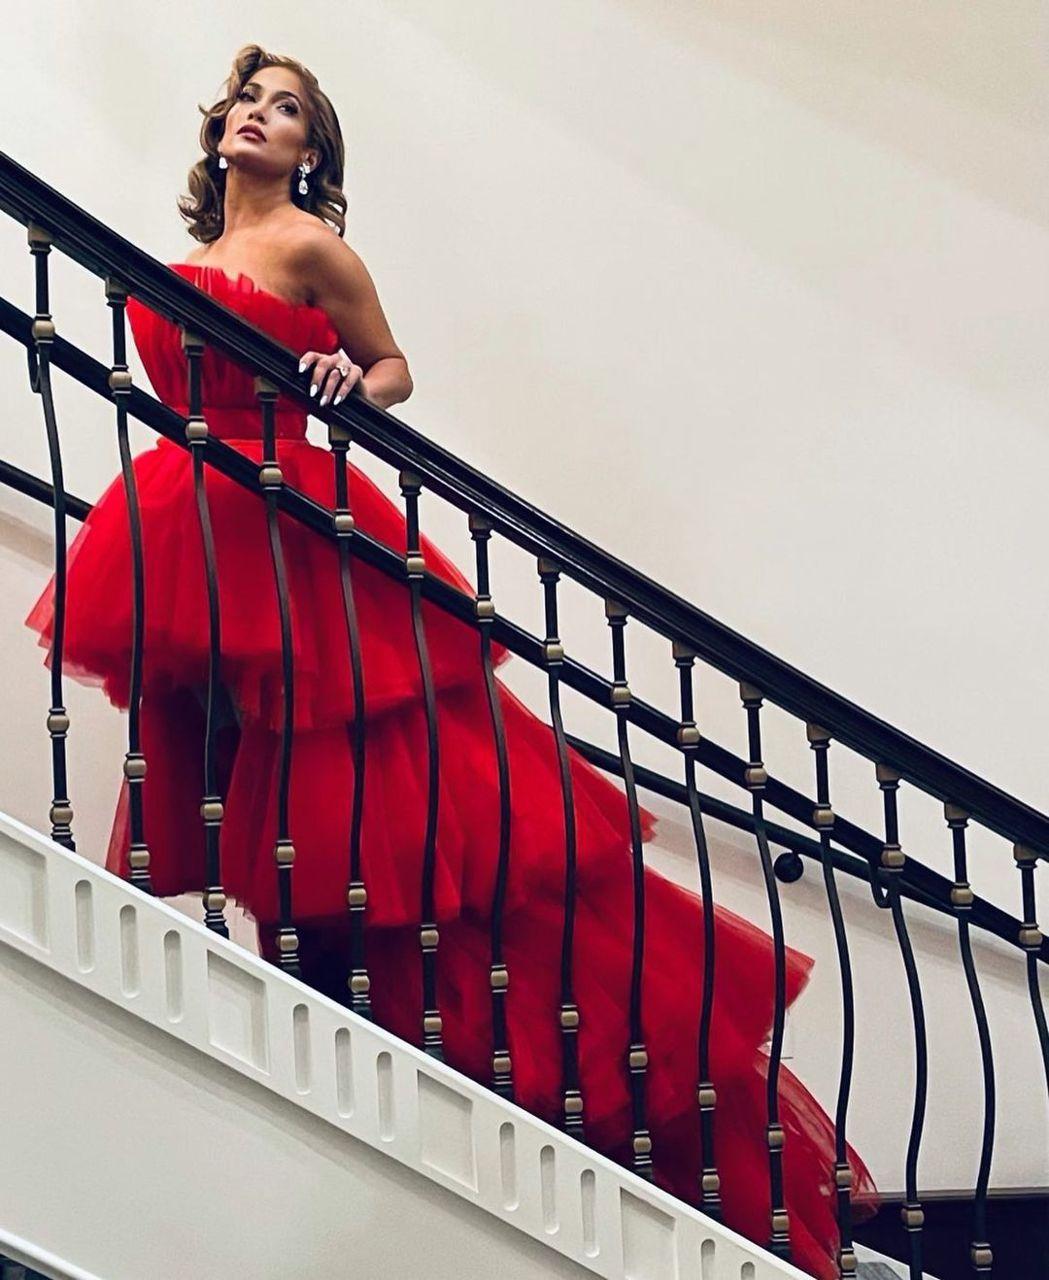 珍妮佛洛佩茲的紅色長裙很吸睛,也符合耶誕紅的主題。圖/摘自Instagram